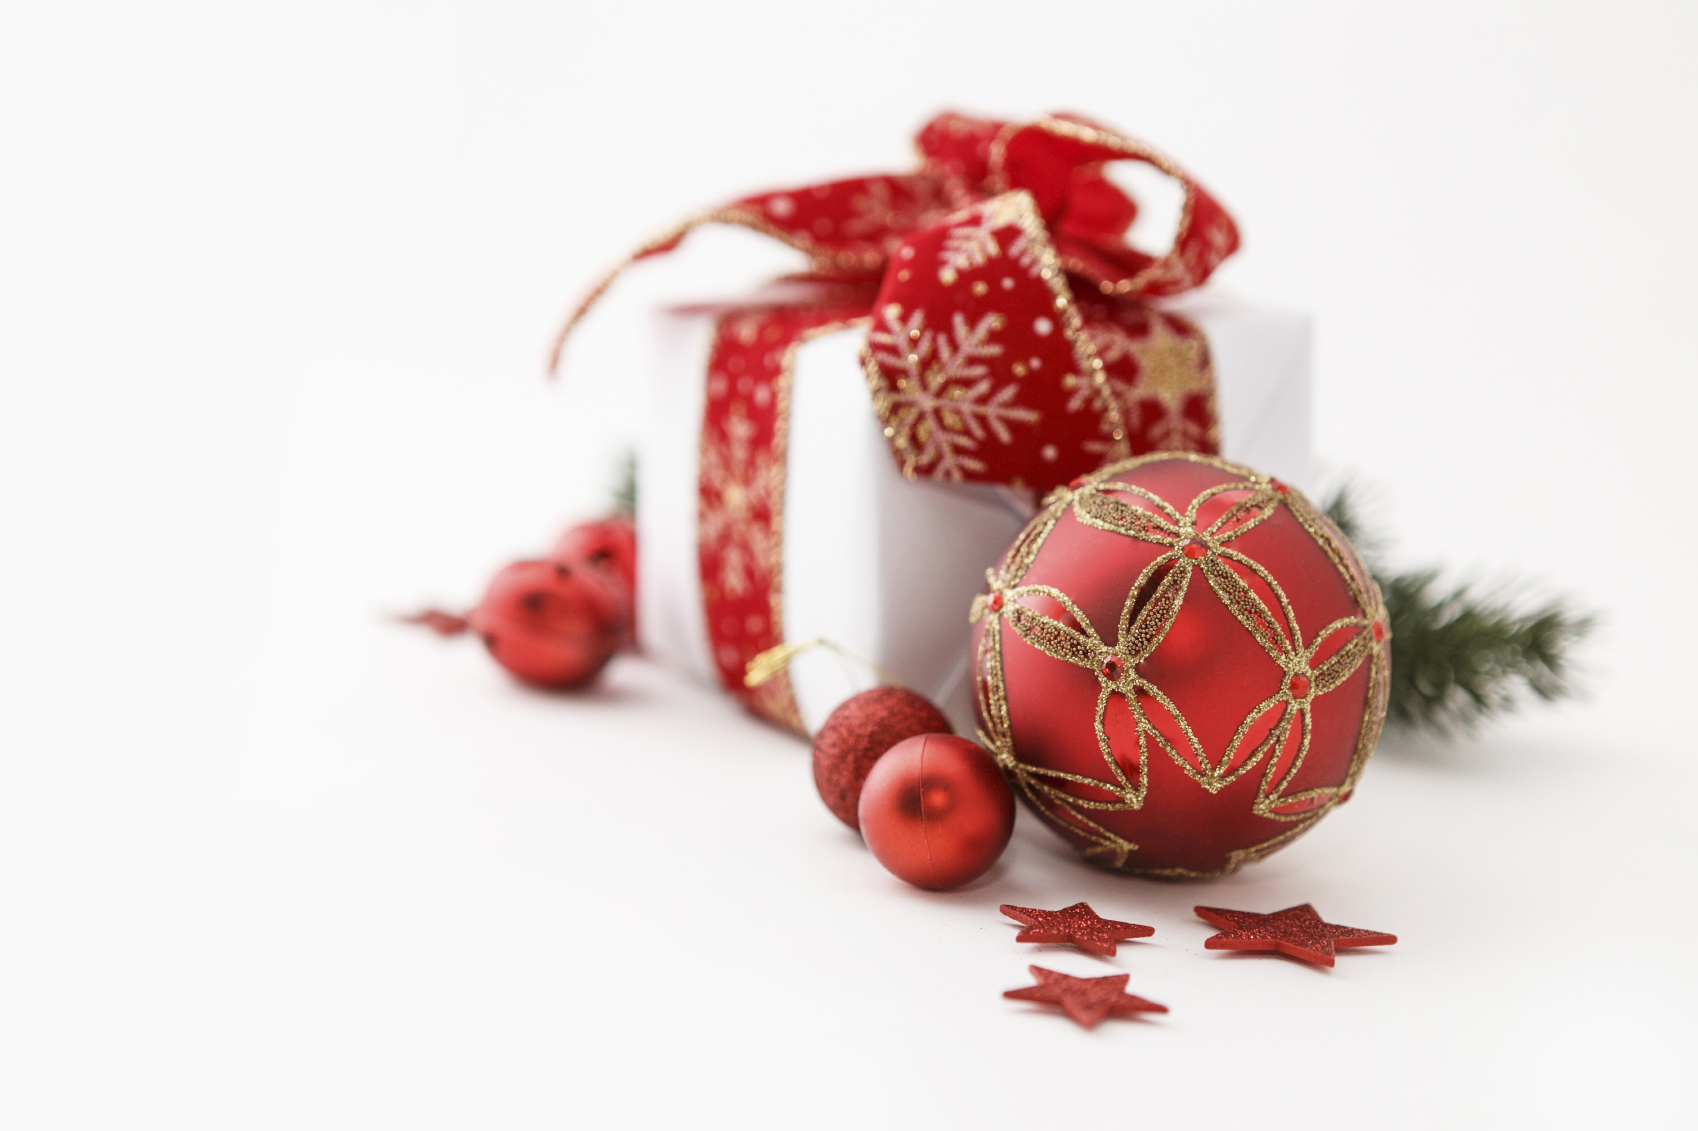 Lavoretti Di Natale In 5 Minuti.Decori Last Minute Da Fare In 5 Minuti Soluzioni Di Casa